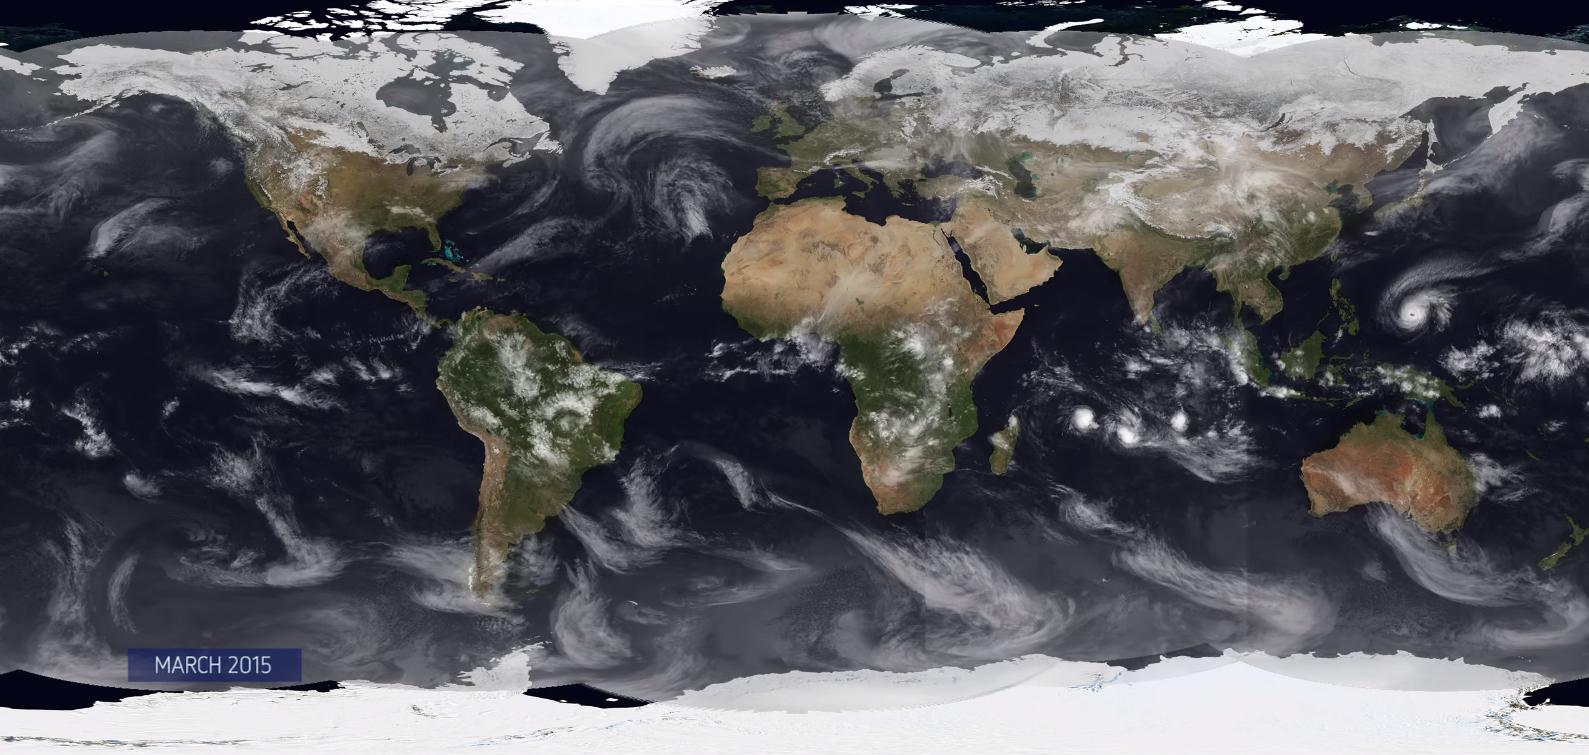 Divlja godina: Pogledajte sve oluje iz 2015. u jednom videu